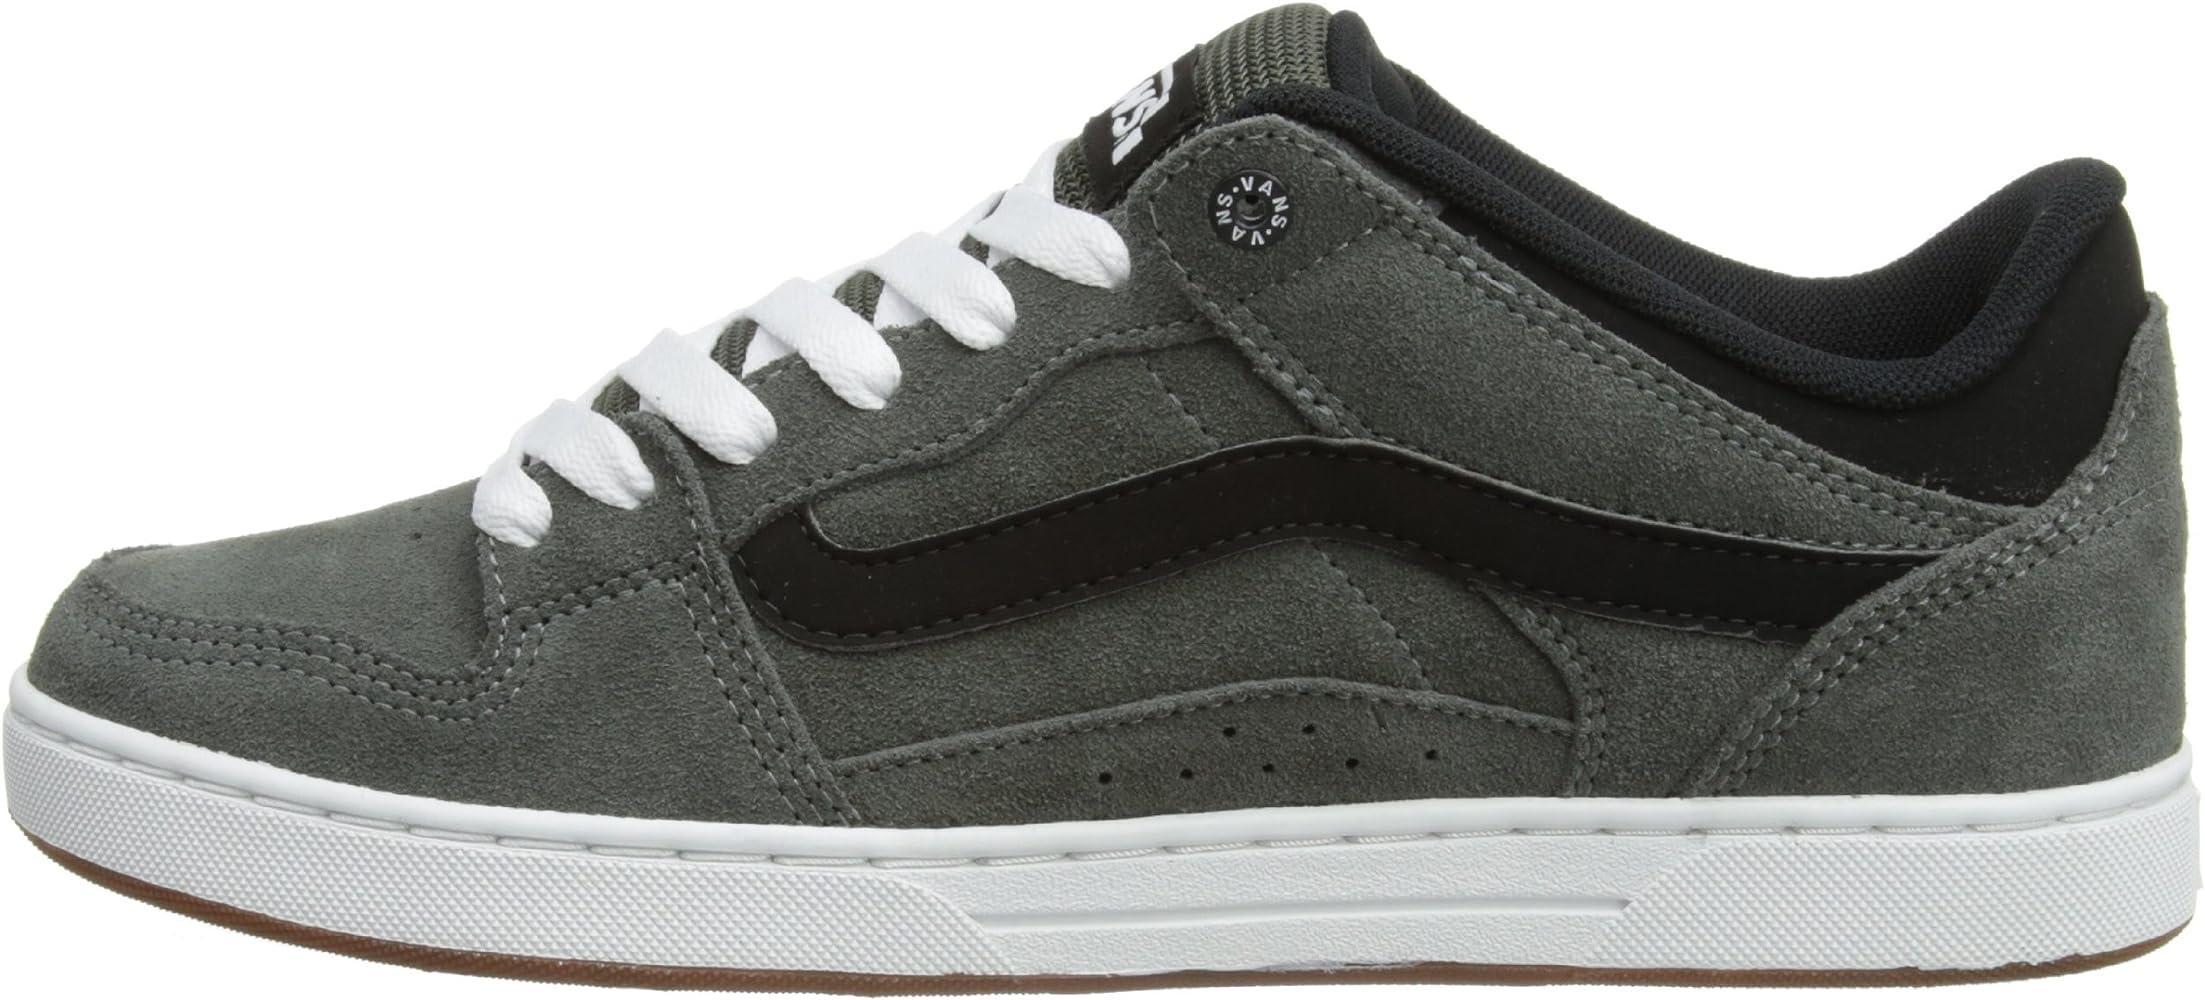 Amazon.com | Vans Baxter S12 Mens Shoes Charcoal Black white (10 ...